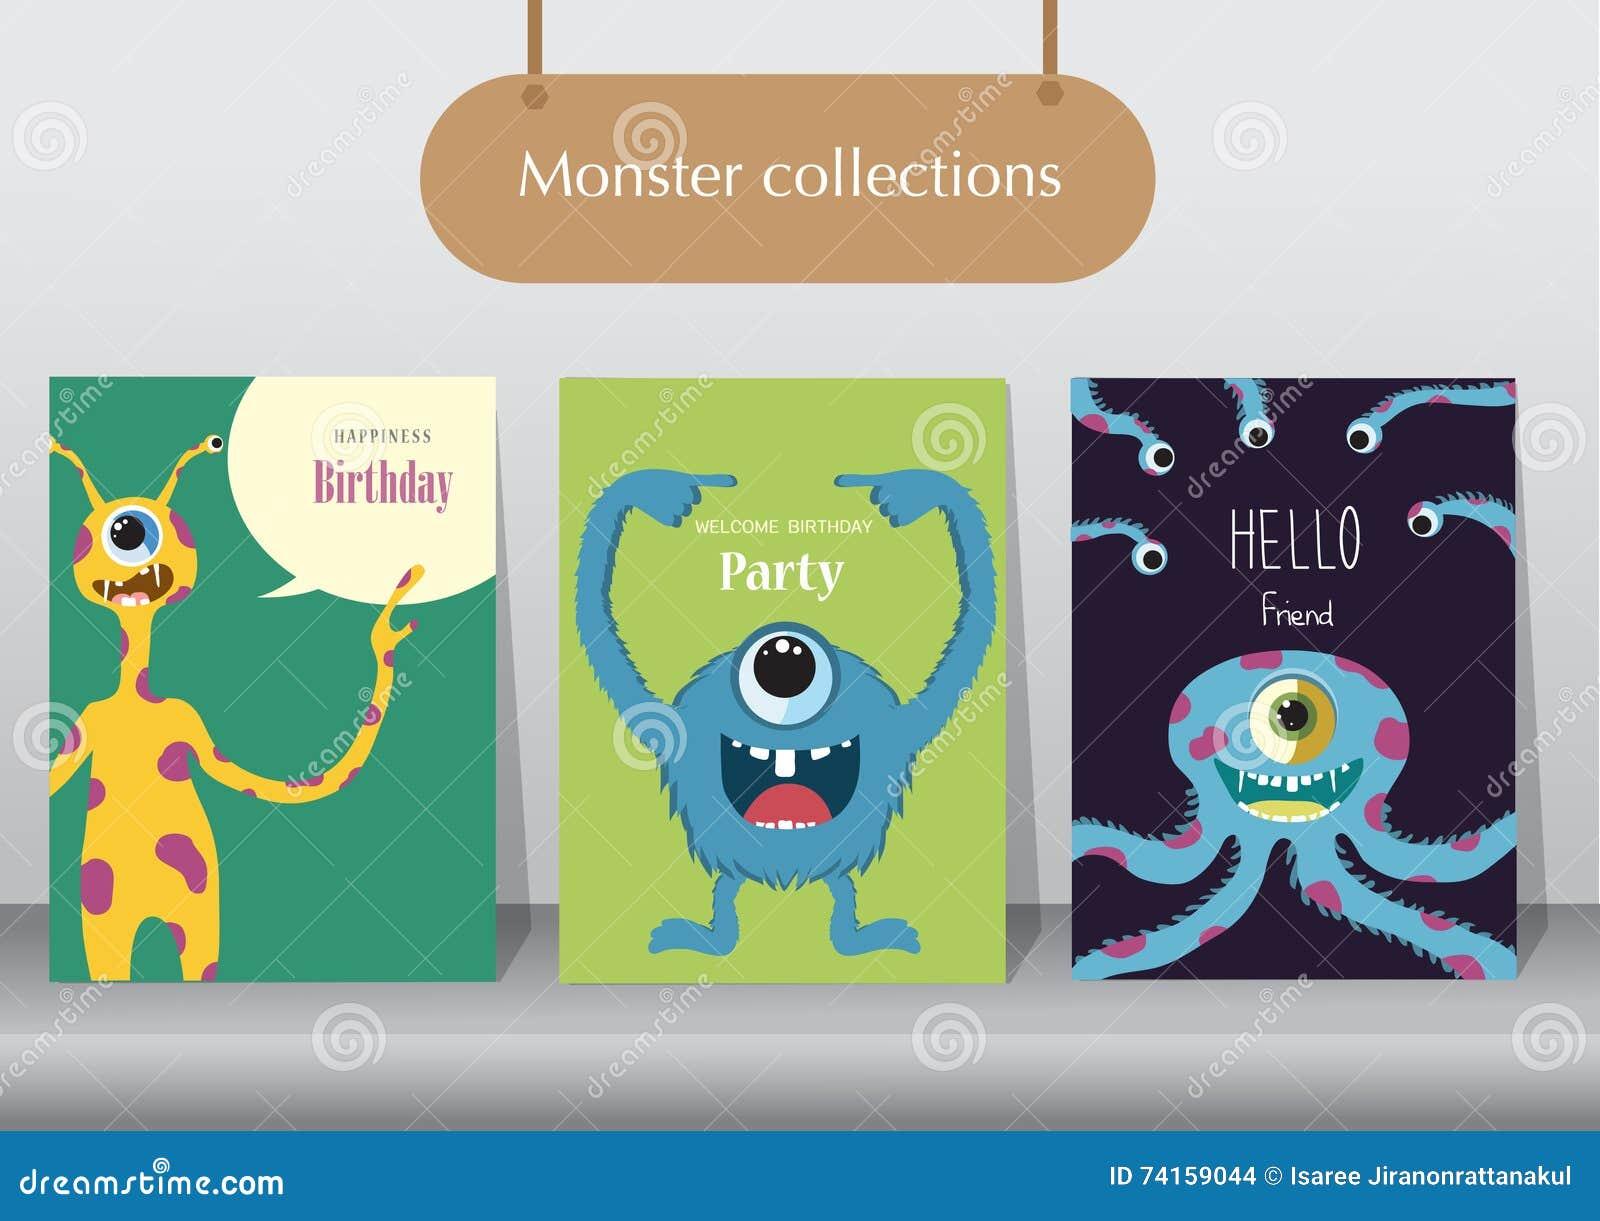 Комплект поздравительых открыток ко дню рождения, плакат, шаблон, поздравительные открытки, животные, изверг, иллюстрации вектора